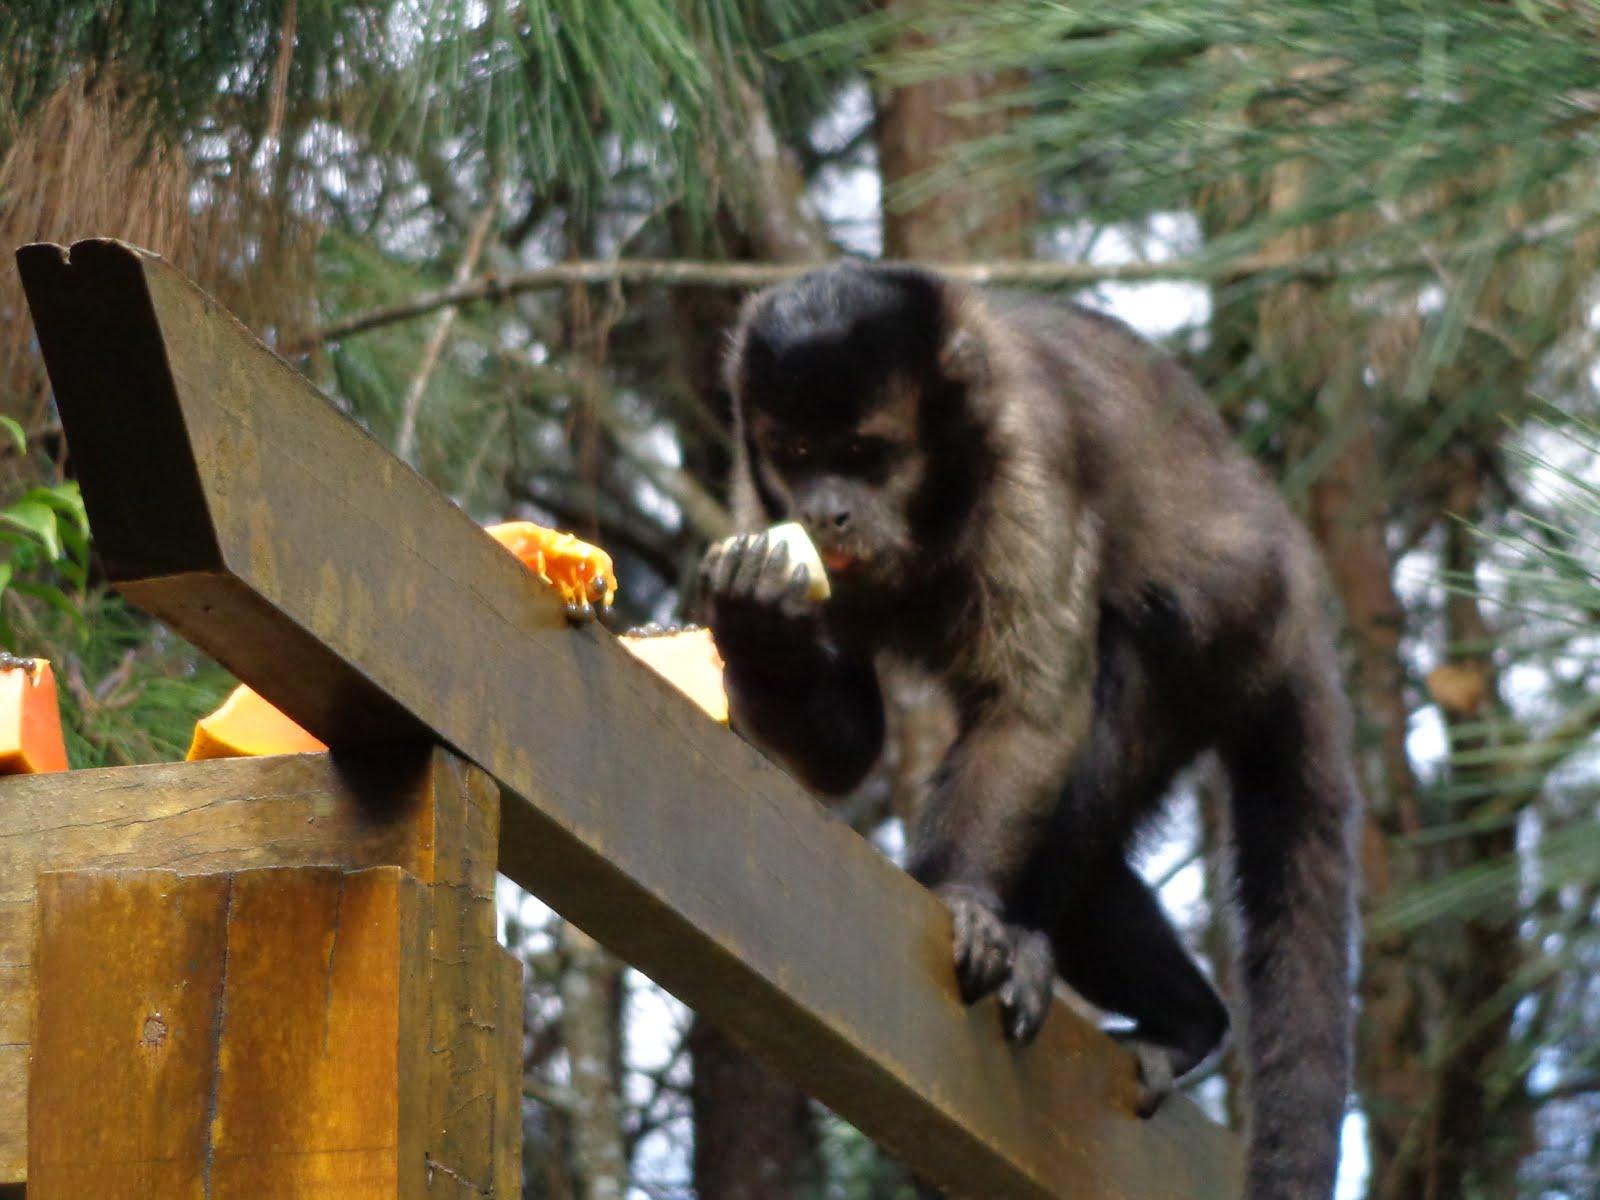 Trabalhamos pela proteção e bem-estar dos moradores da floresta!